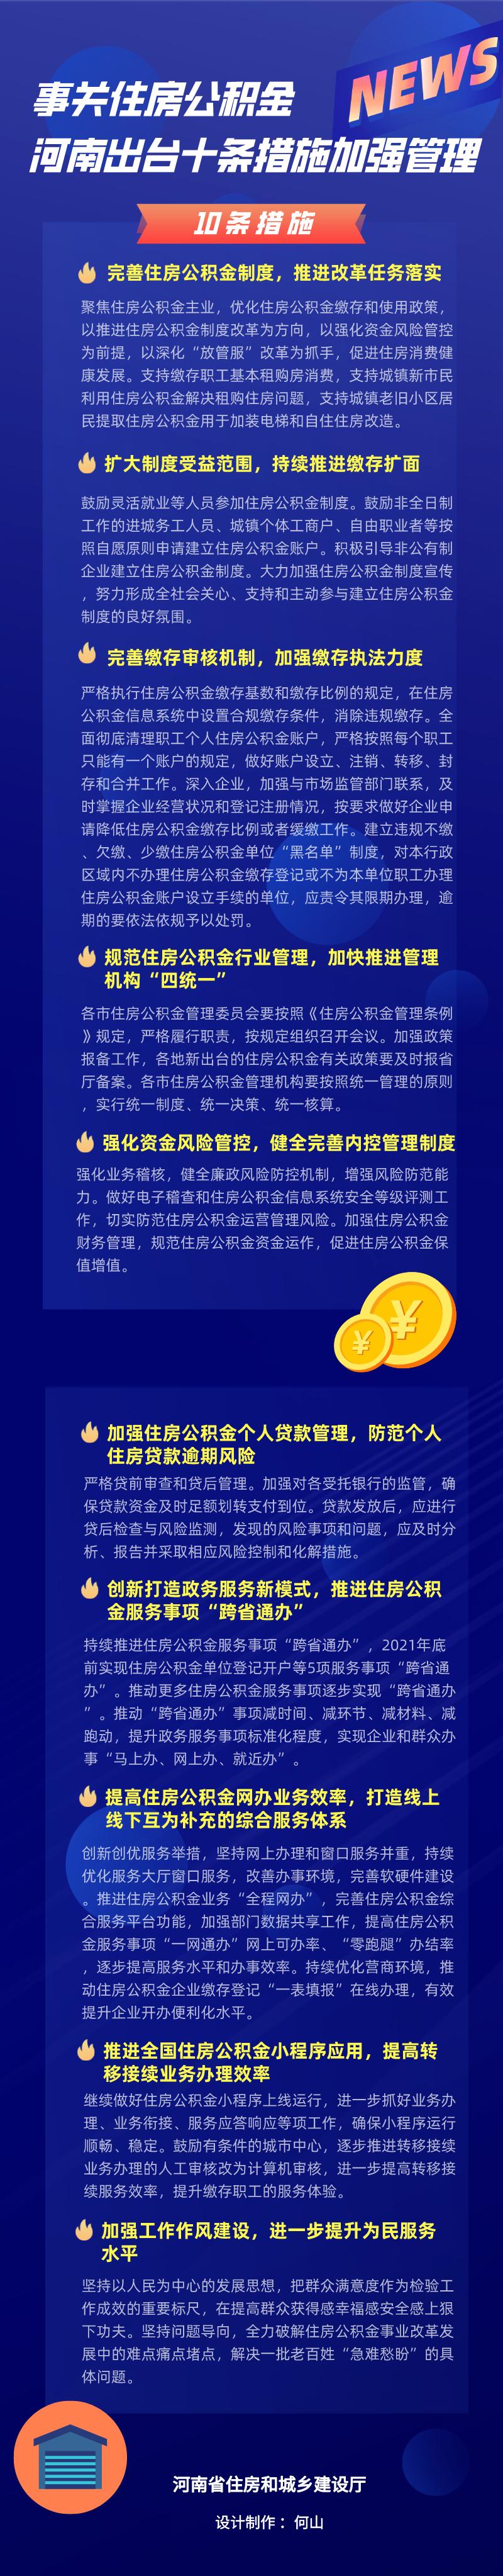 图解   河南出台十条措施加强住房公积金管理